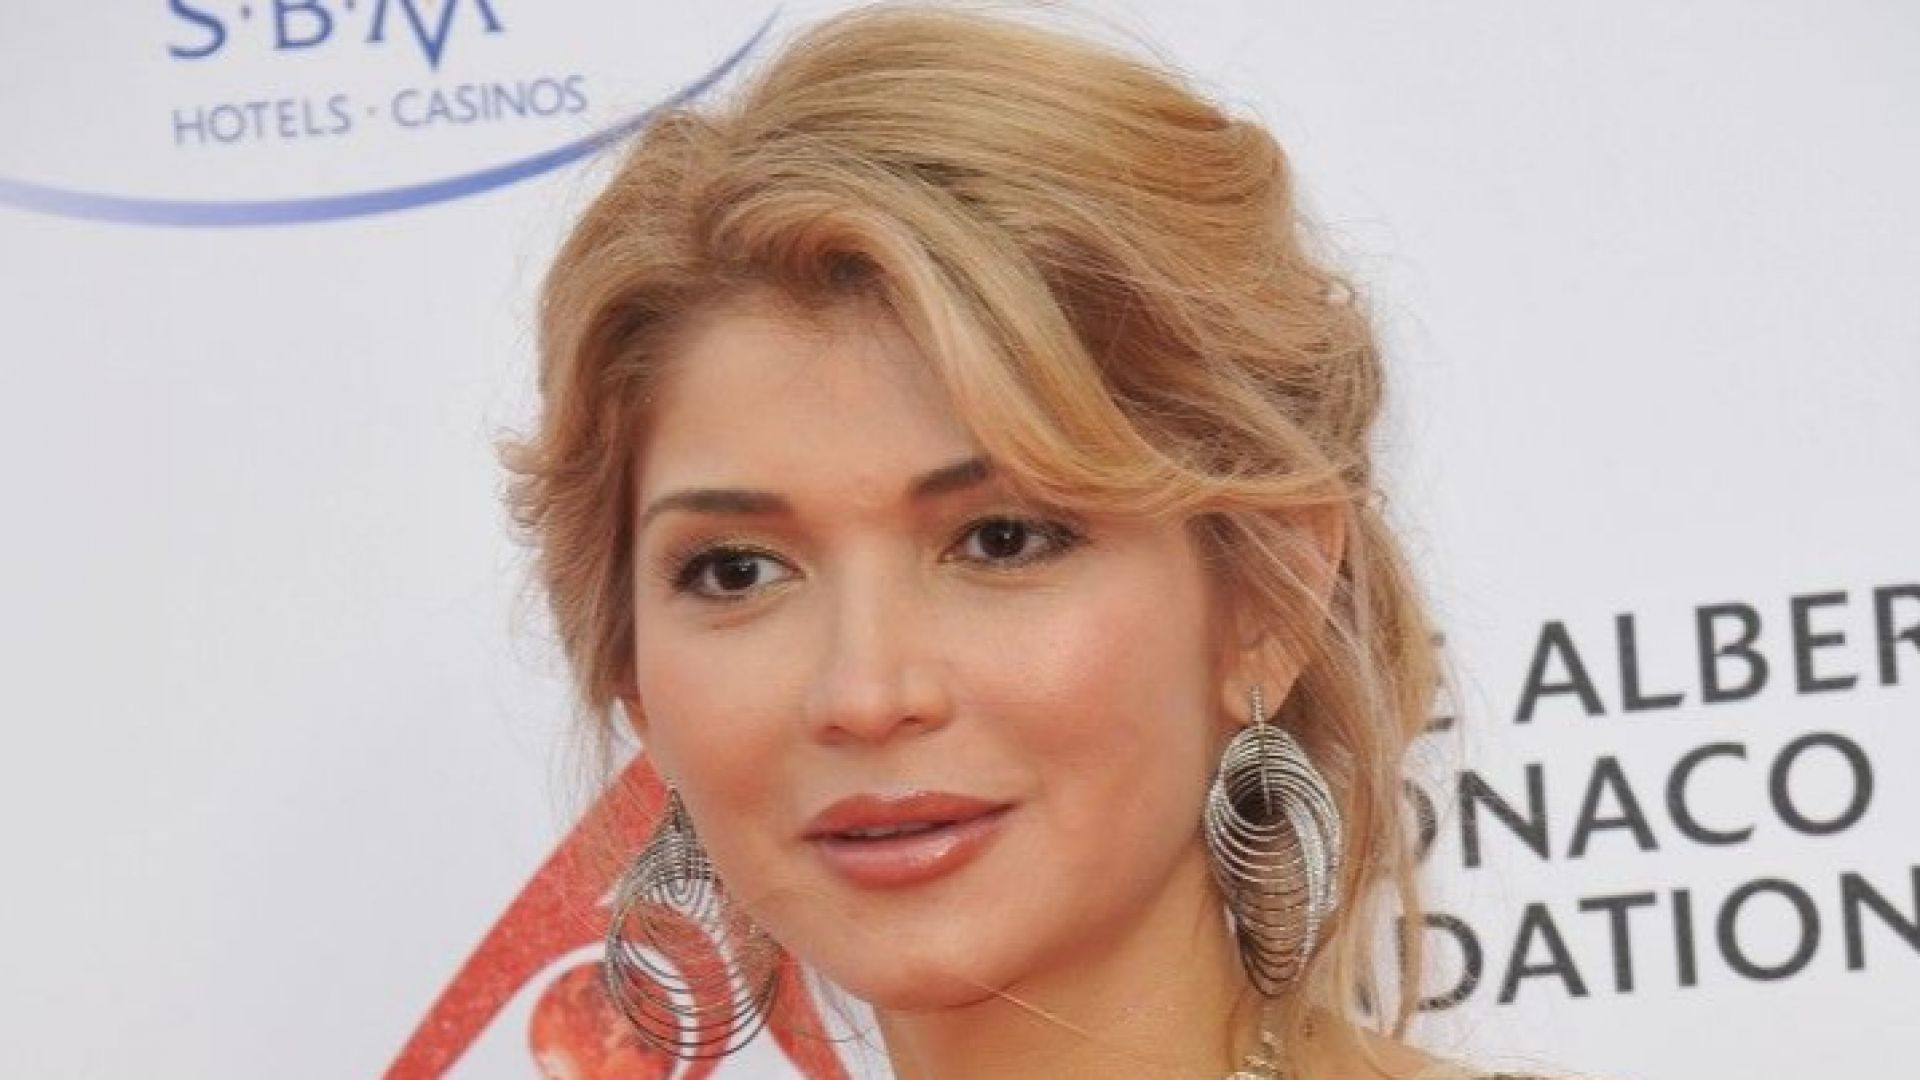 Швейцария връща на Узбекистан 800 млн. франка на красавицата Гулнара Каримова